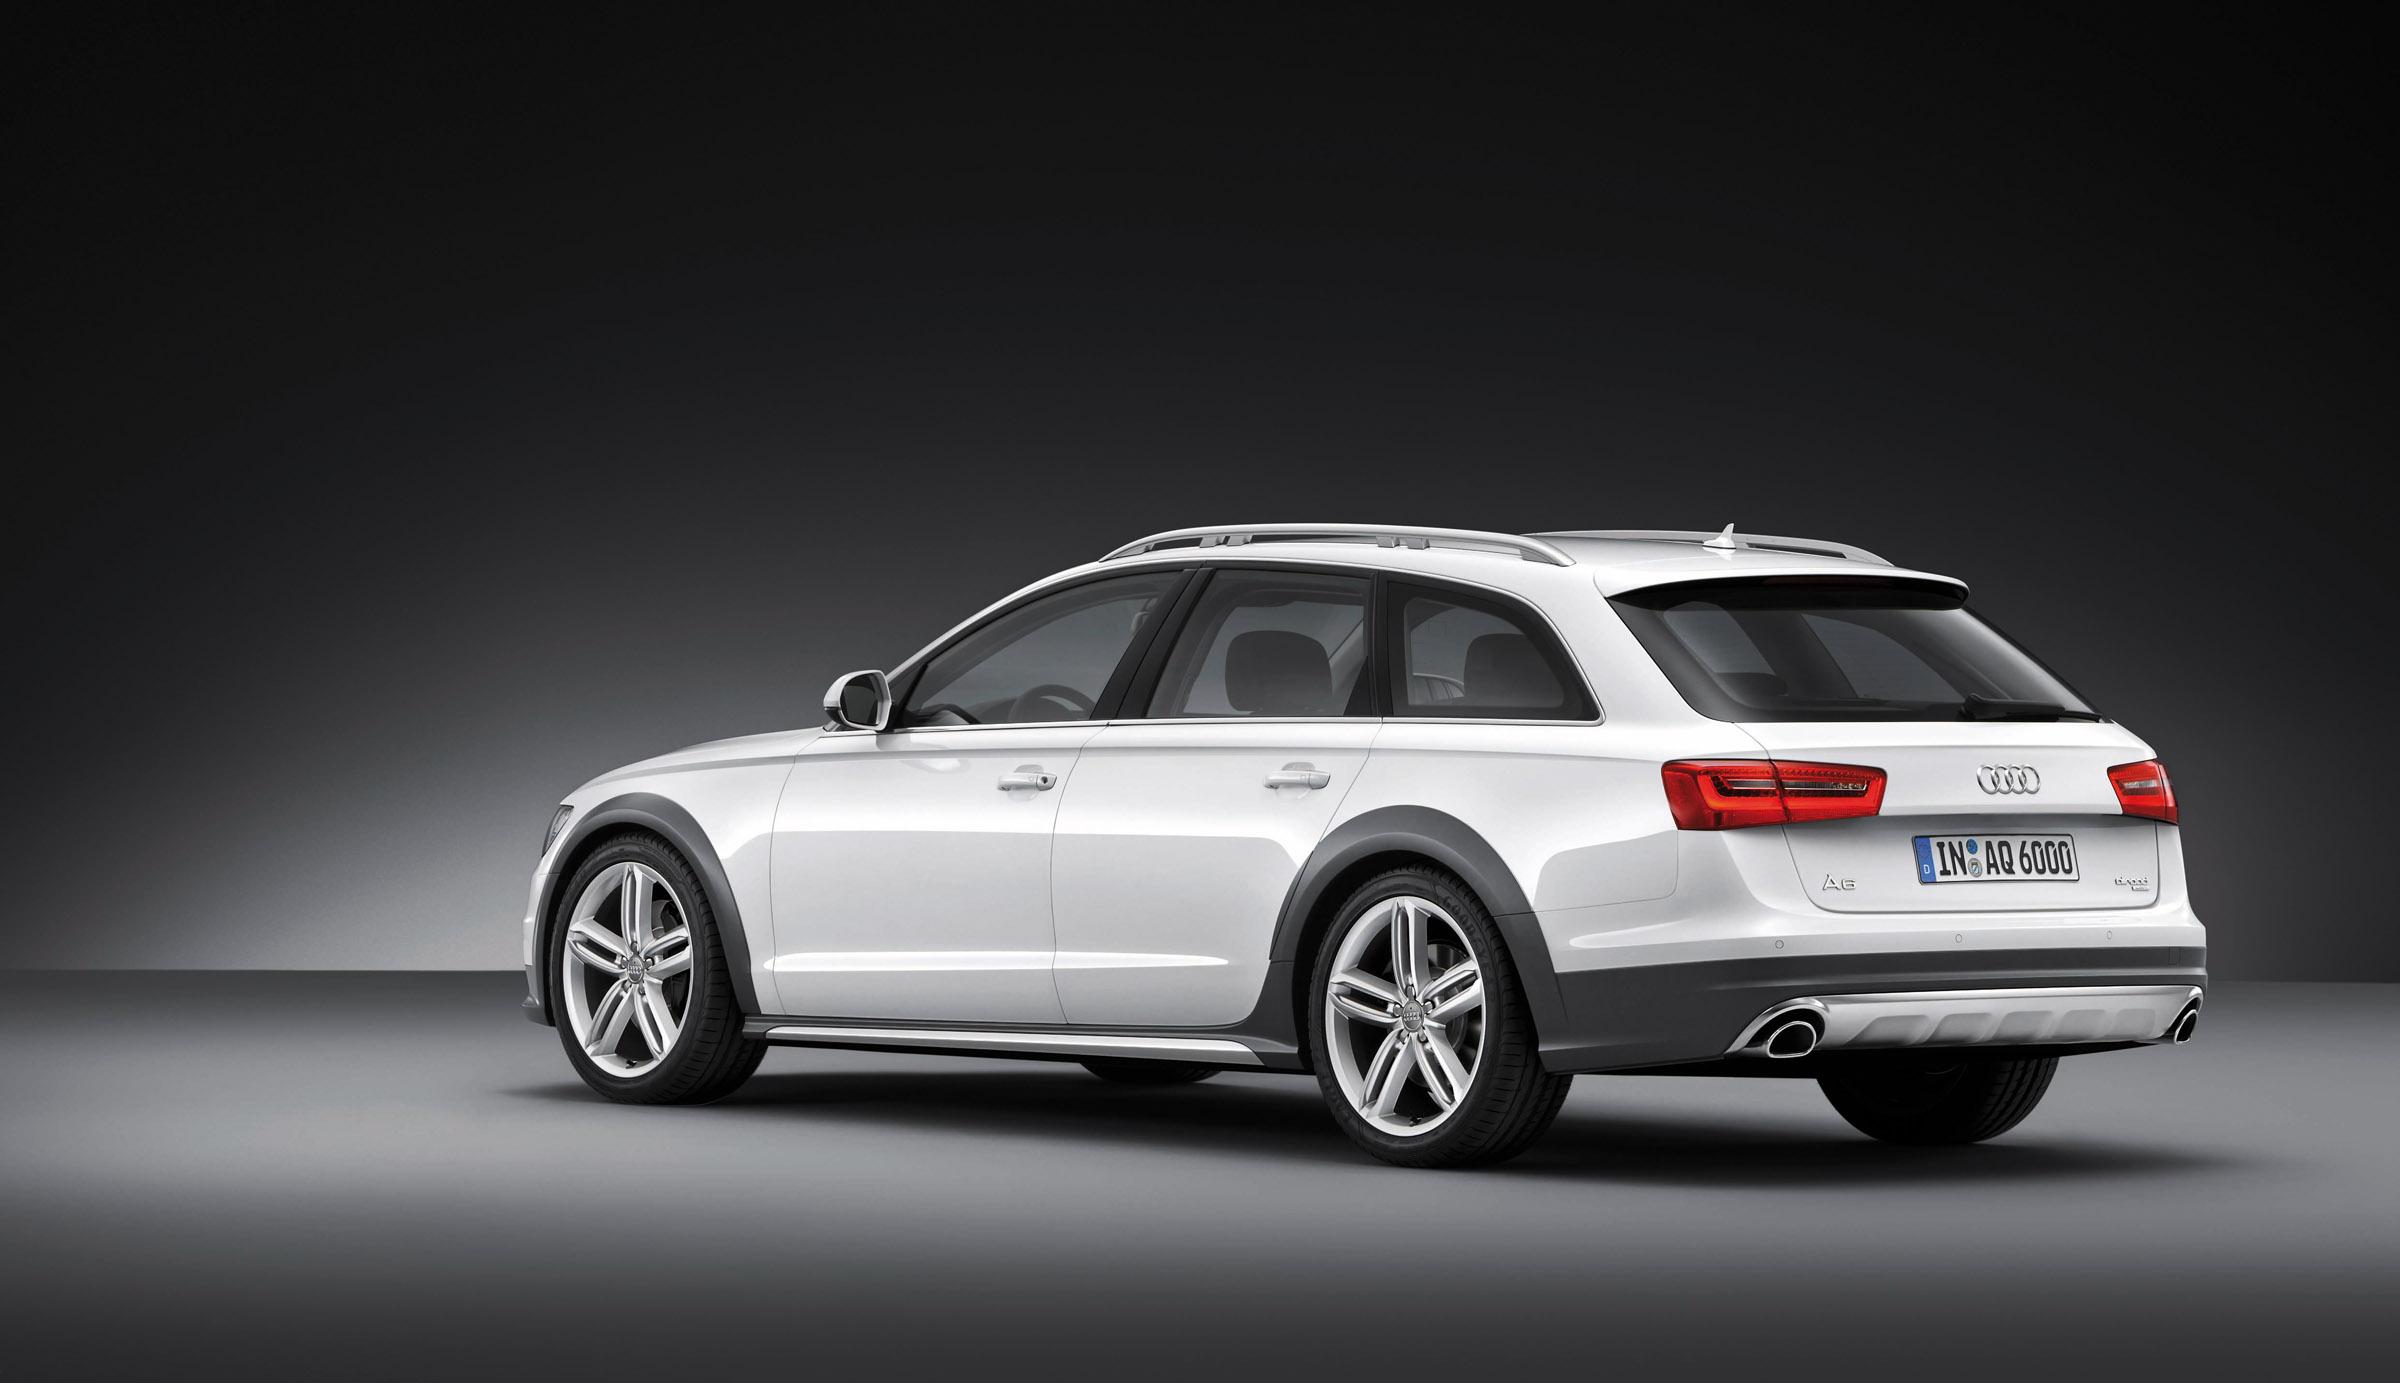 2012 Audi A6 Allroad Quattro Picture 63248